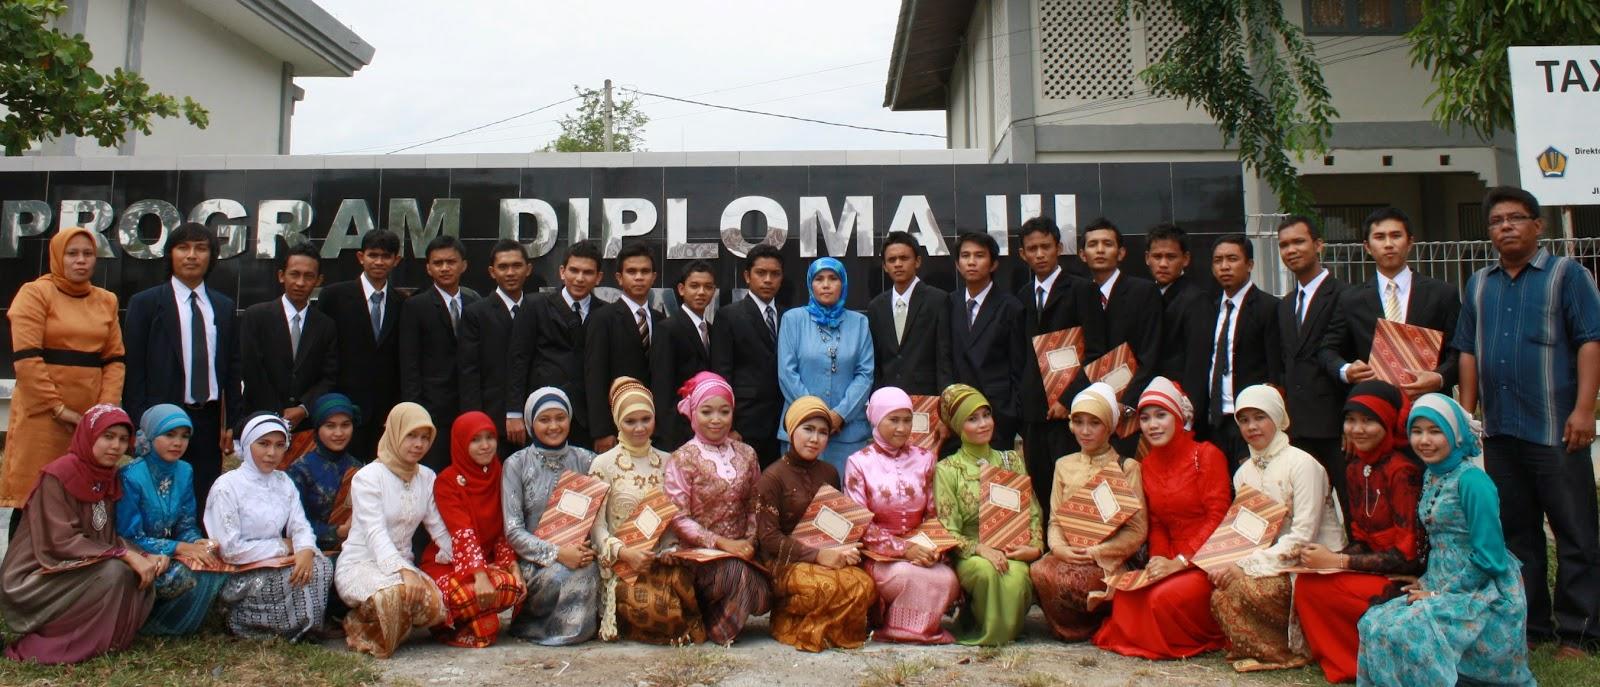 Lulusan Diploma III Perpajakan Melakukan Foto Bersama dengan Pengusrus Prodi D_III Perpajakan.